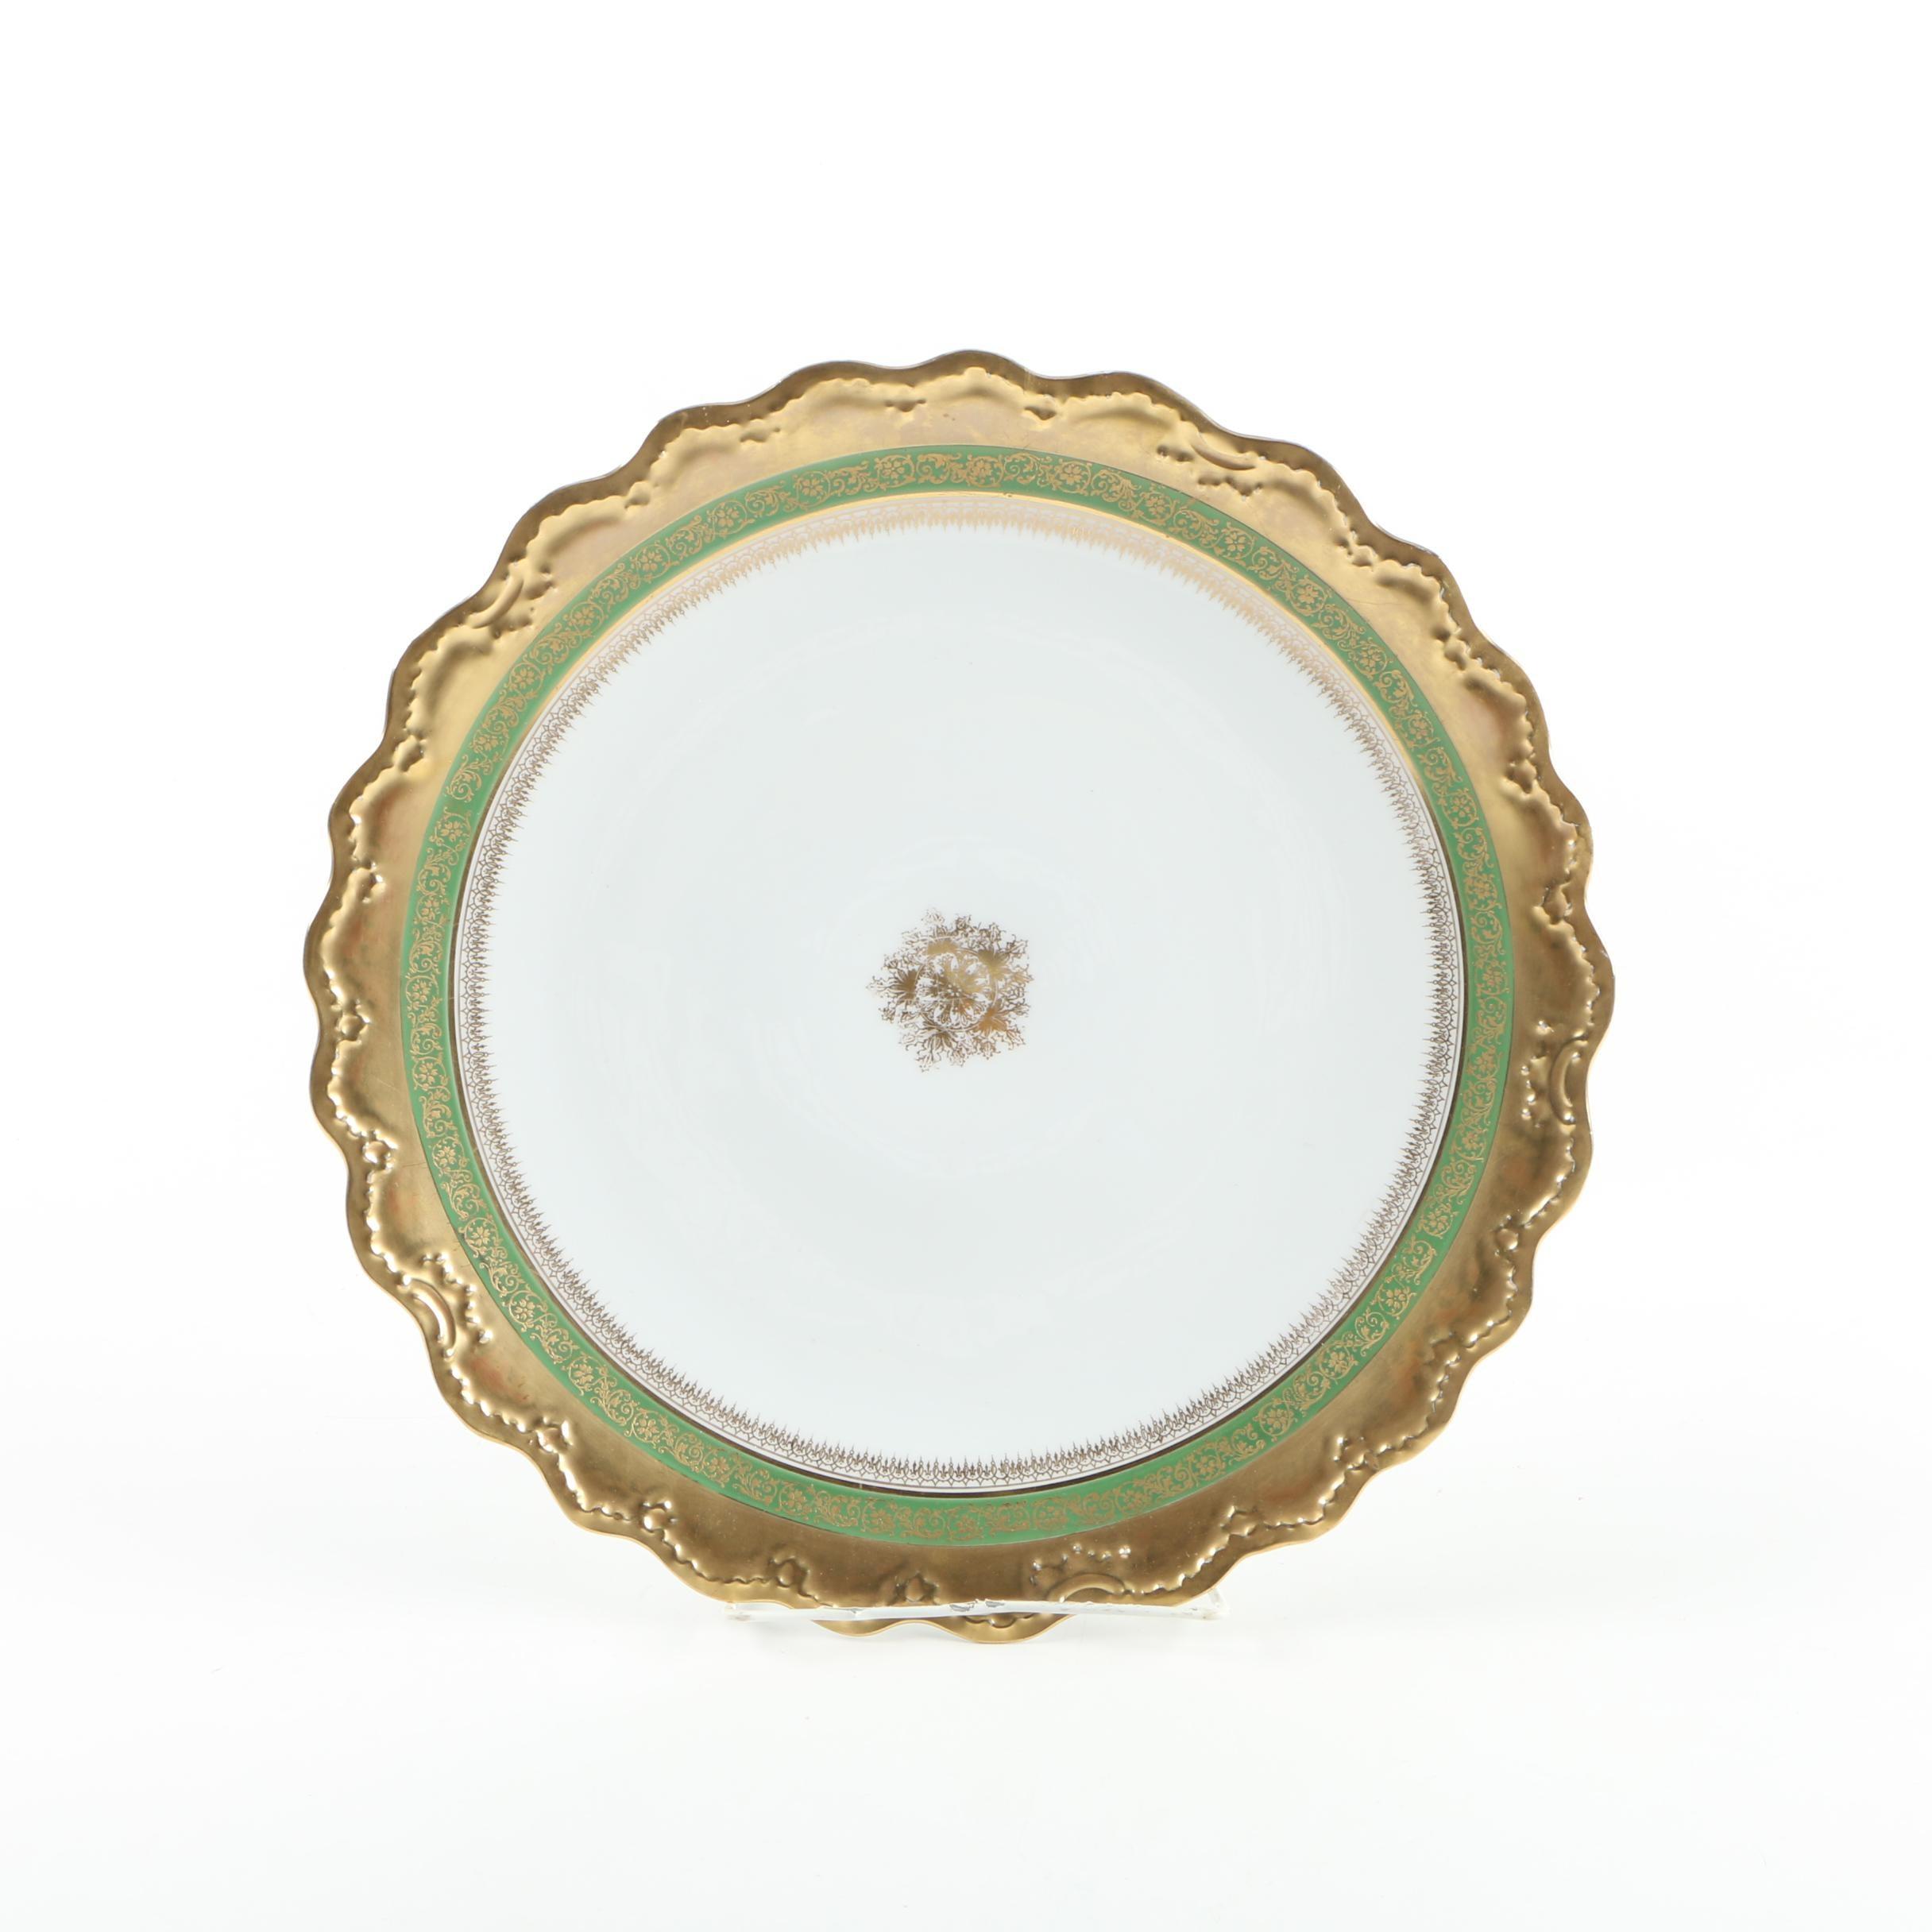 Vintage Limoges Porcelain Platter